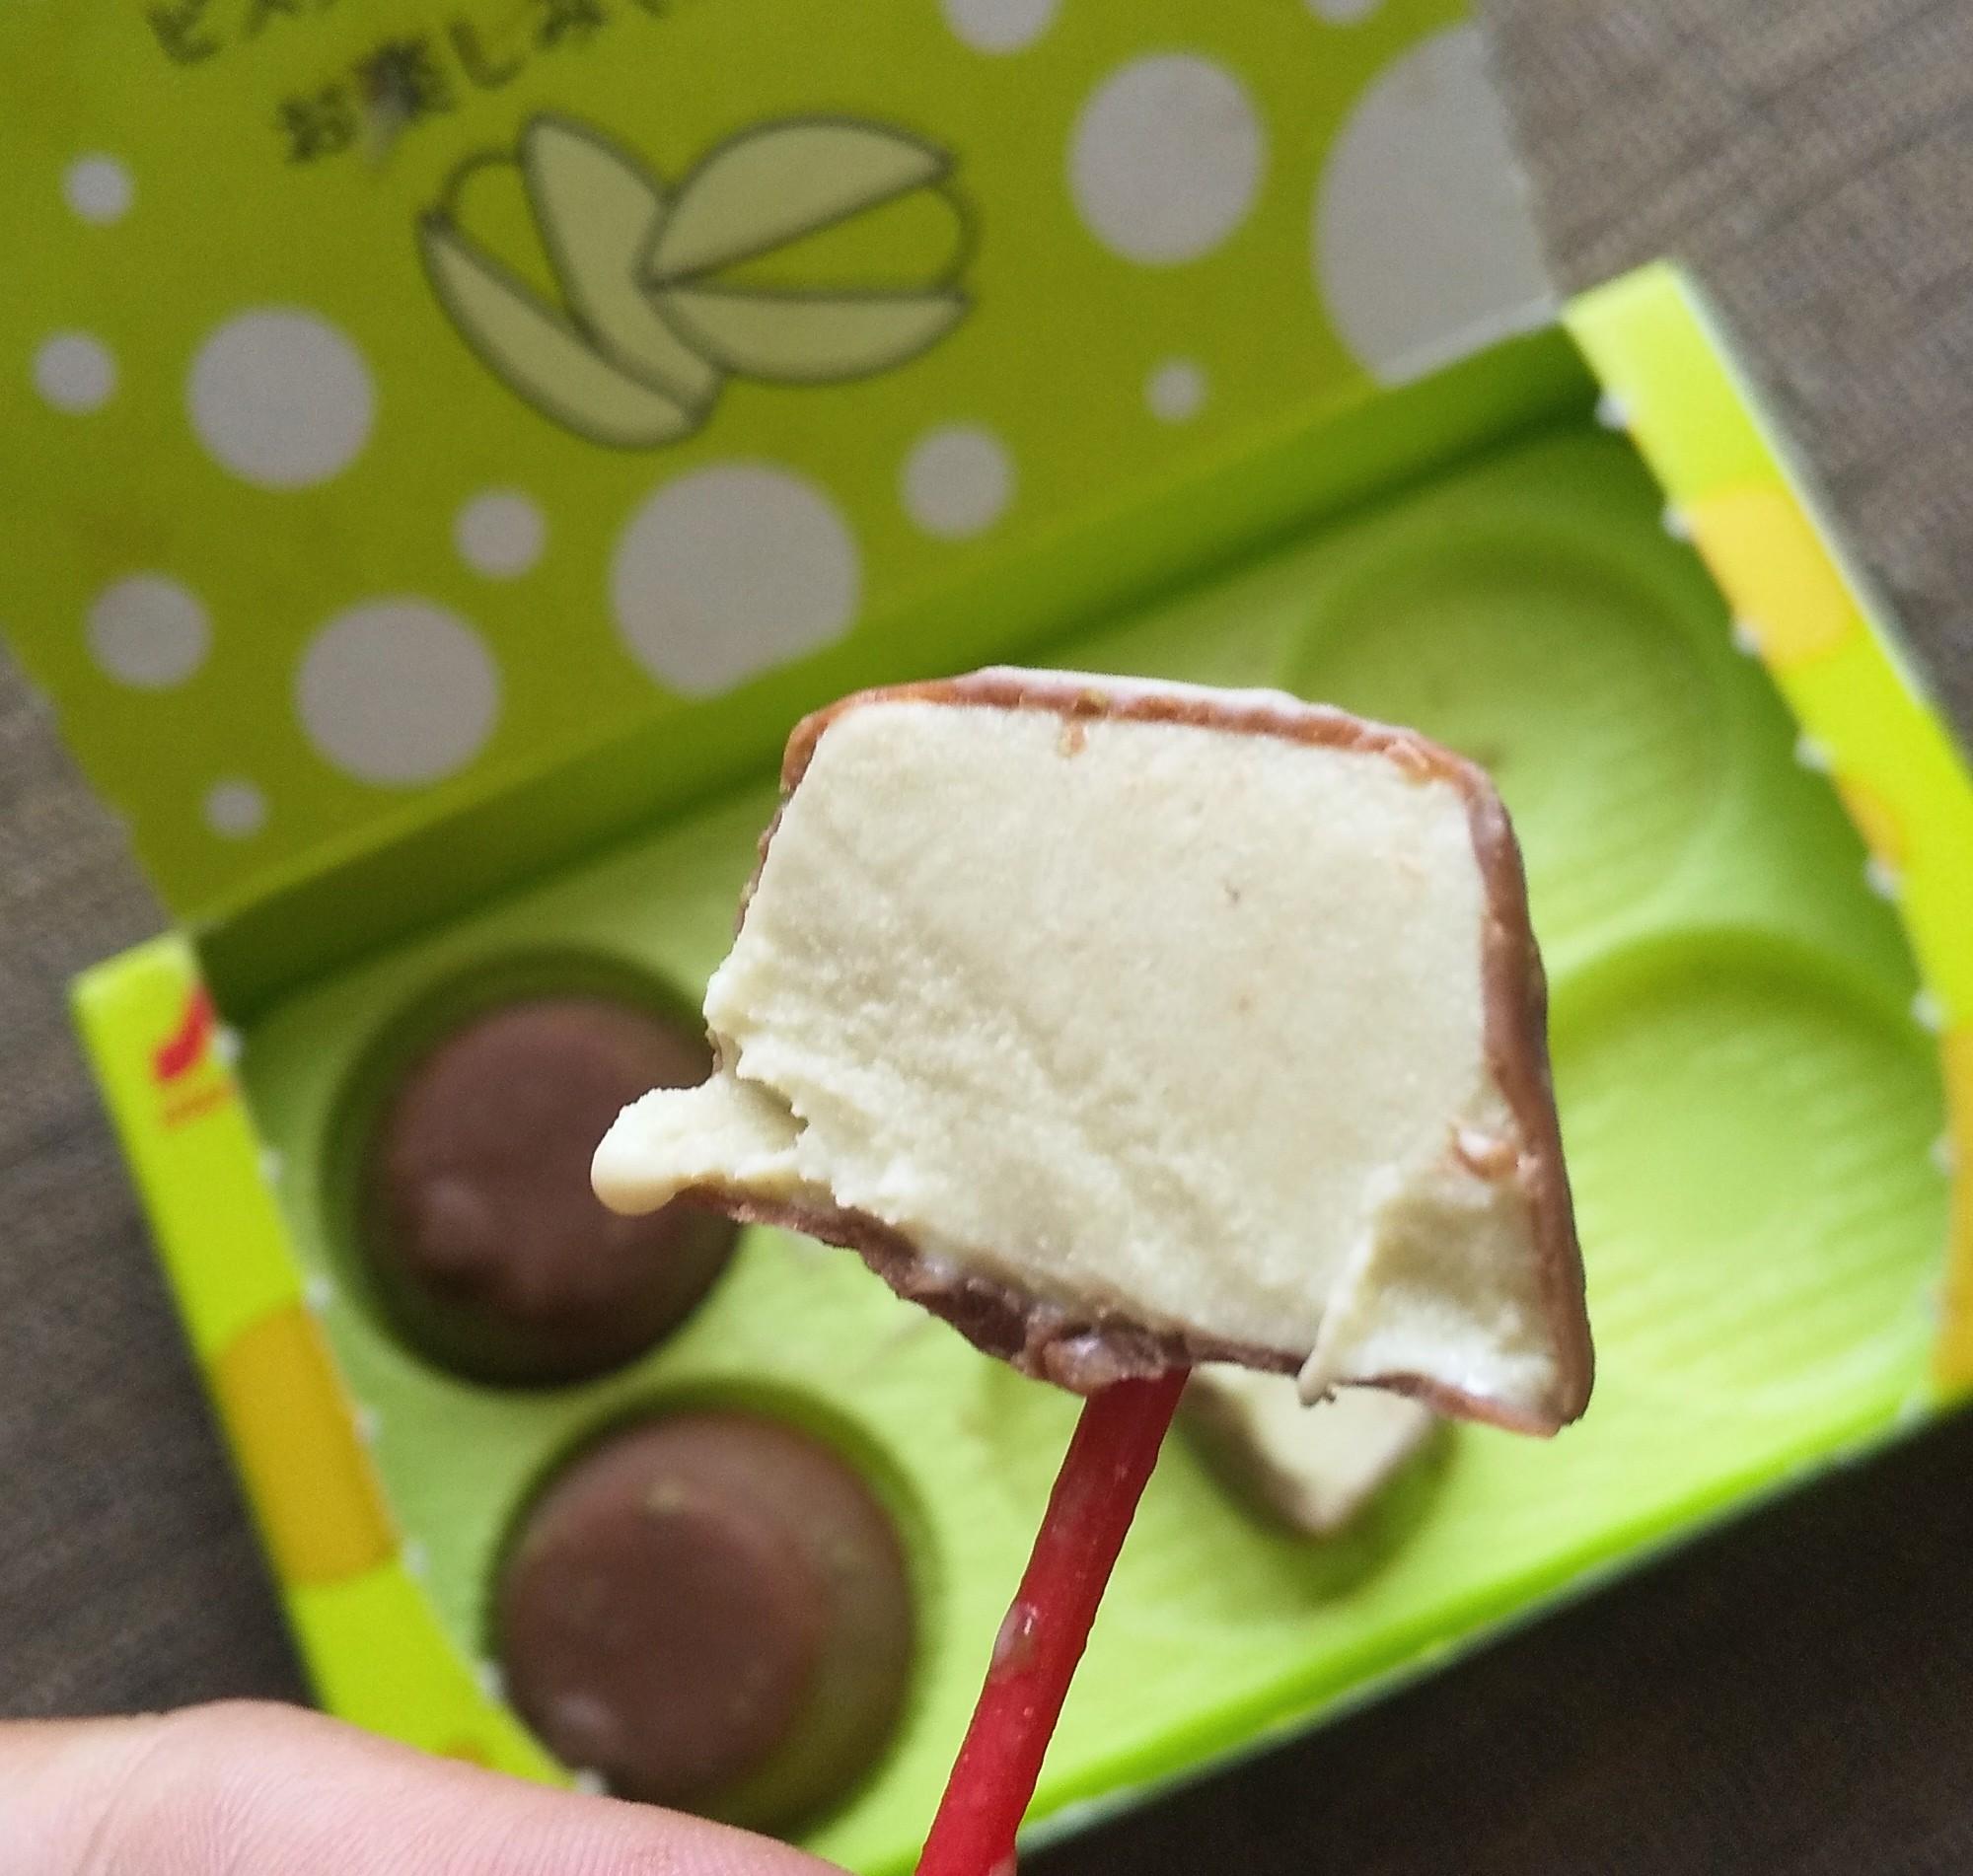 【5/31発売】ピノの新作!ピスタチオ味は間違いない美味しさ!_4